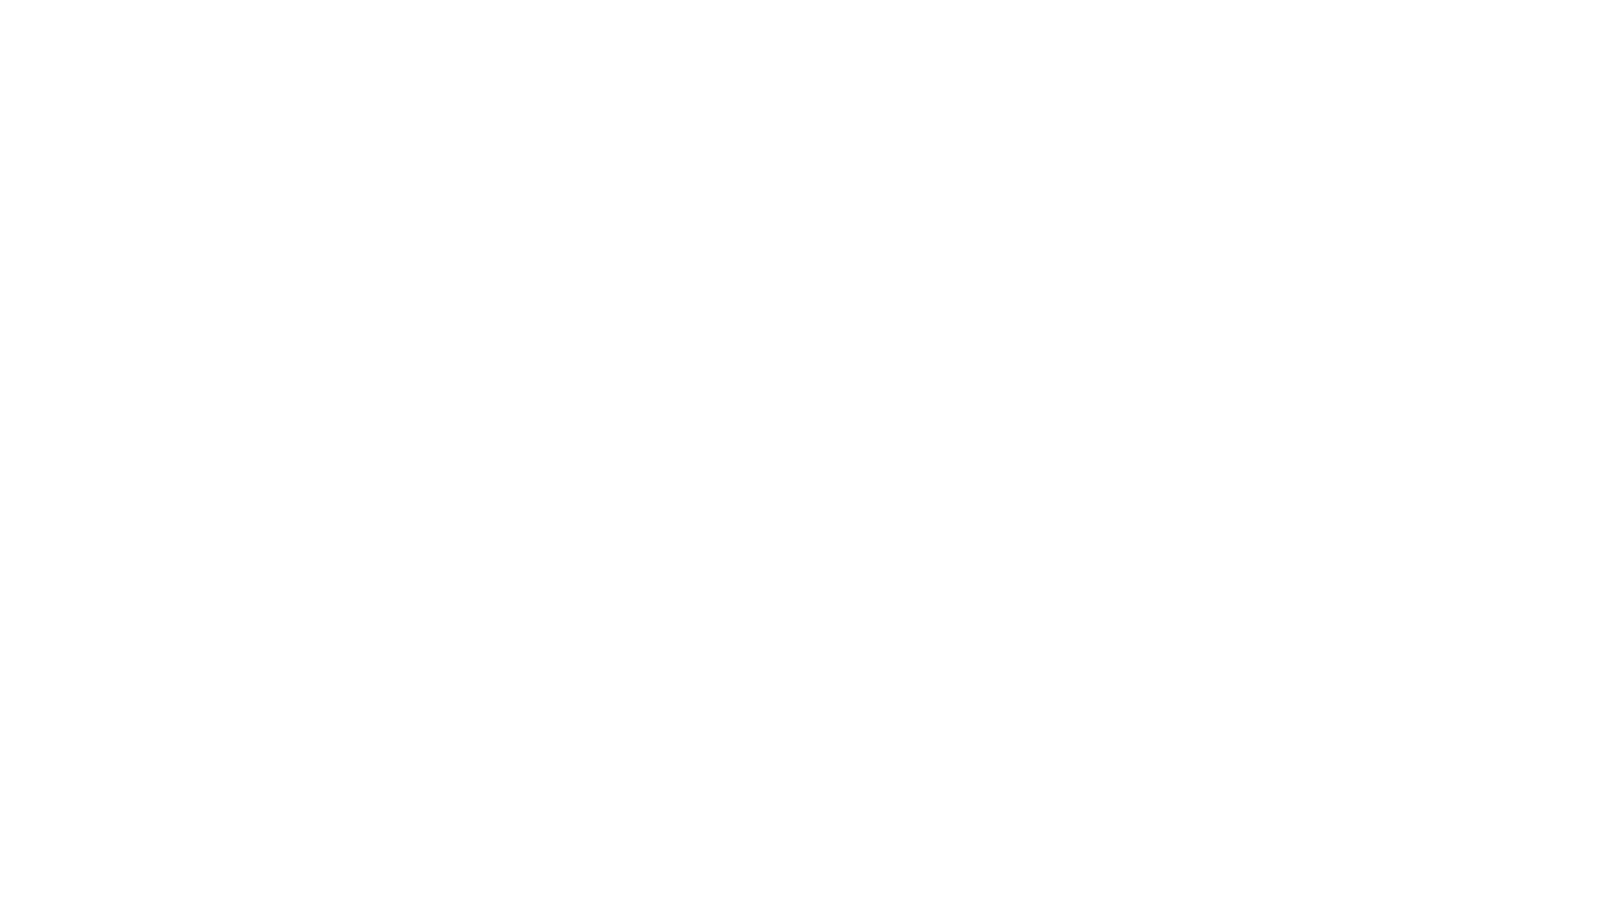 Il Rapido C55 si inserisce nel mezzo dell'inedita gamma di semintegrali compatti a larghezza ridotta dell'azienda francese. Un veicolo che segue in tutto e per tutto le attuali tendenze del mercato, proponendosi come una valida alternativa al van per l'equipaggio di coppia dinamico alla ricerca di mezzo che unisce agilità e maneggevolezza a comfort abitativo, letti gemelli e ampie possibilità di stivaggio.